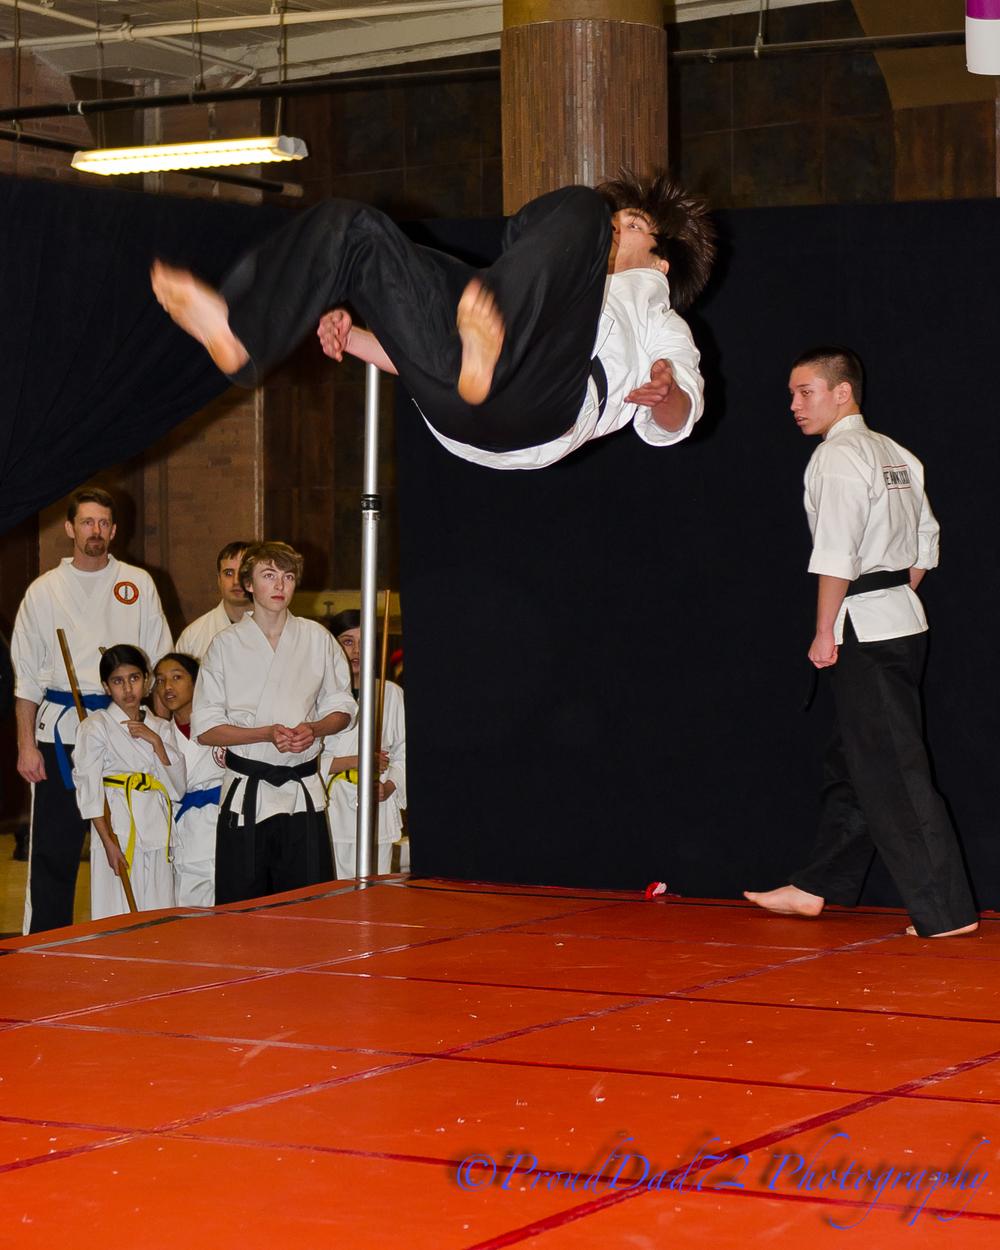 karate1-21-2012-28.jpg